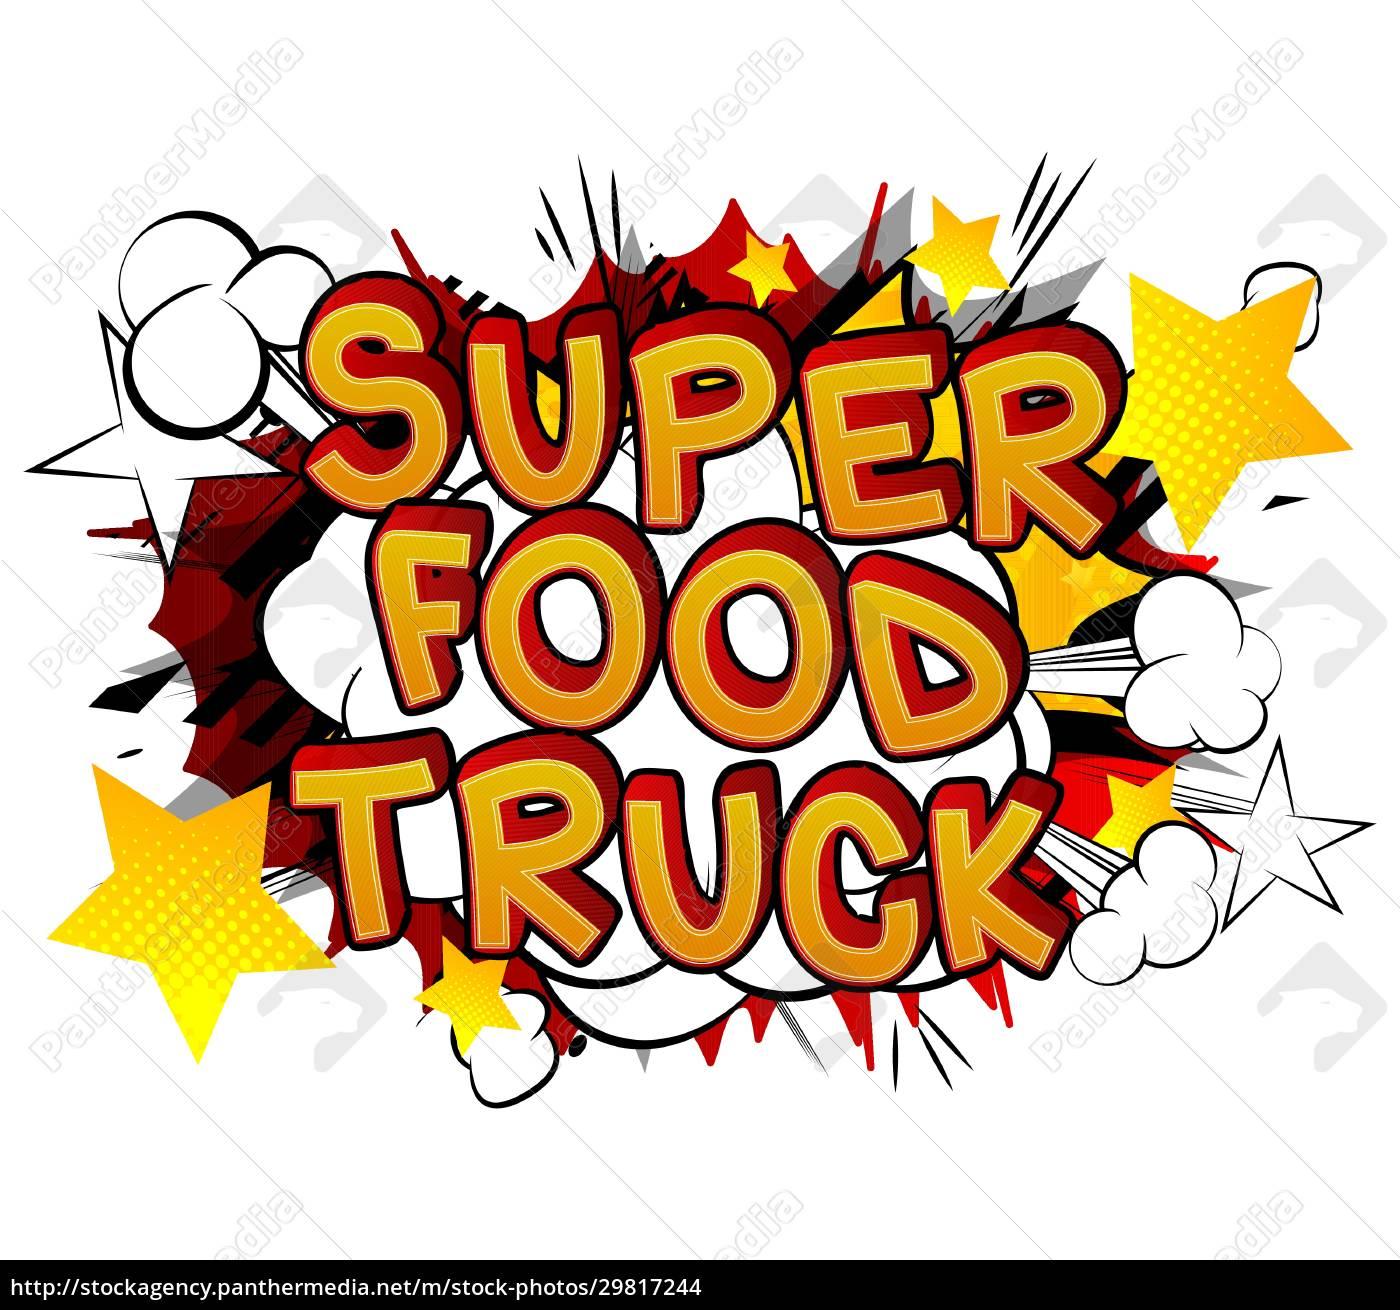 super, food, truck, -, comic-buch-stil-text. - 29817244